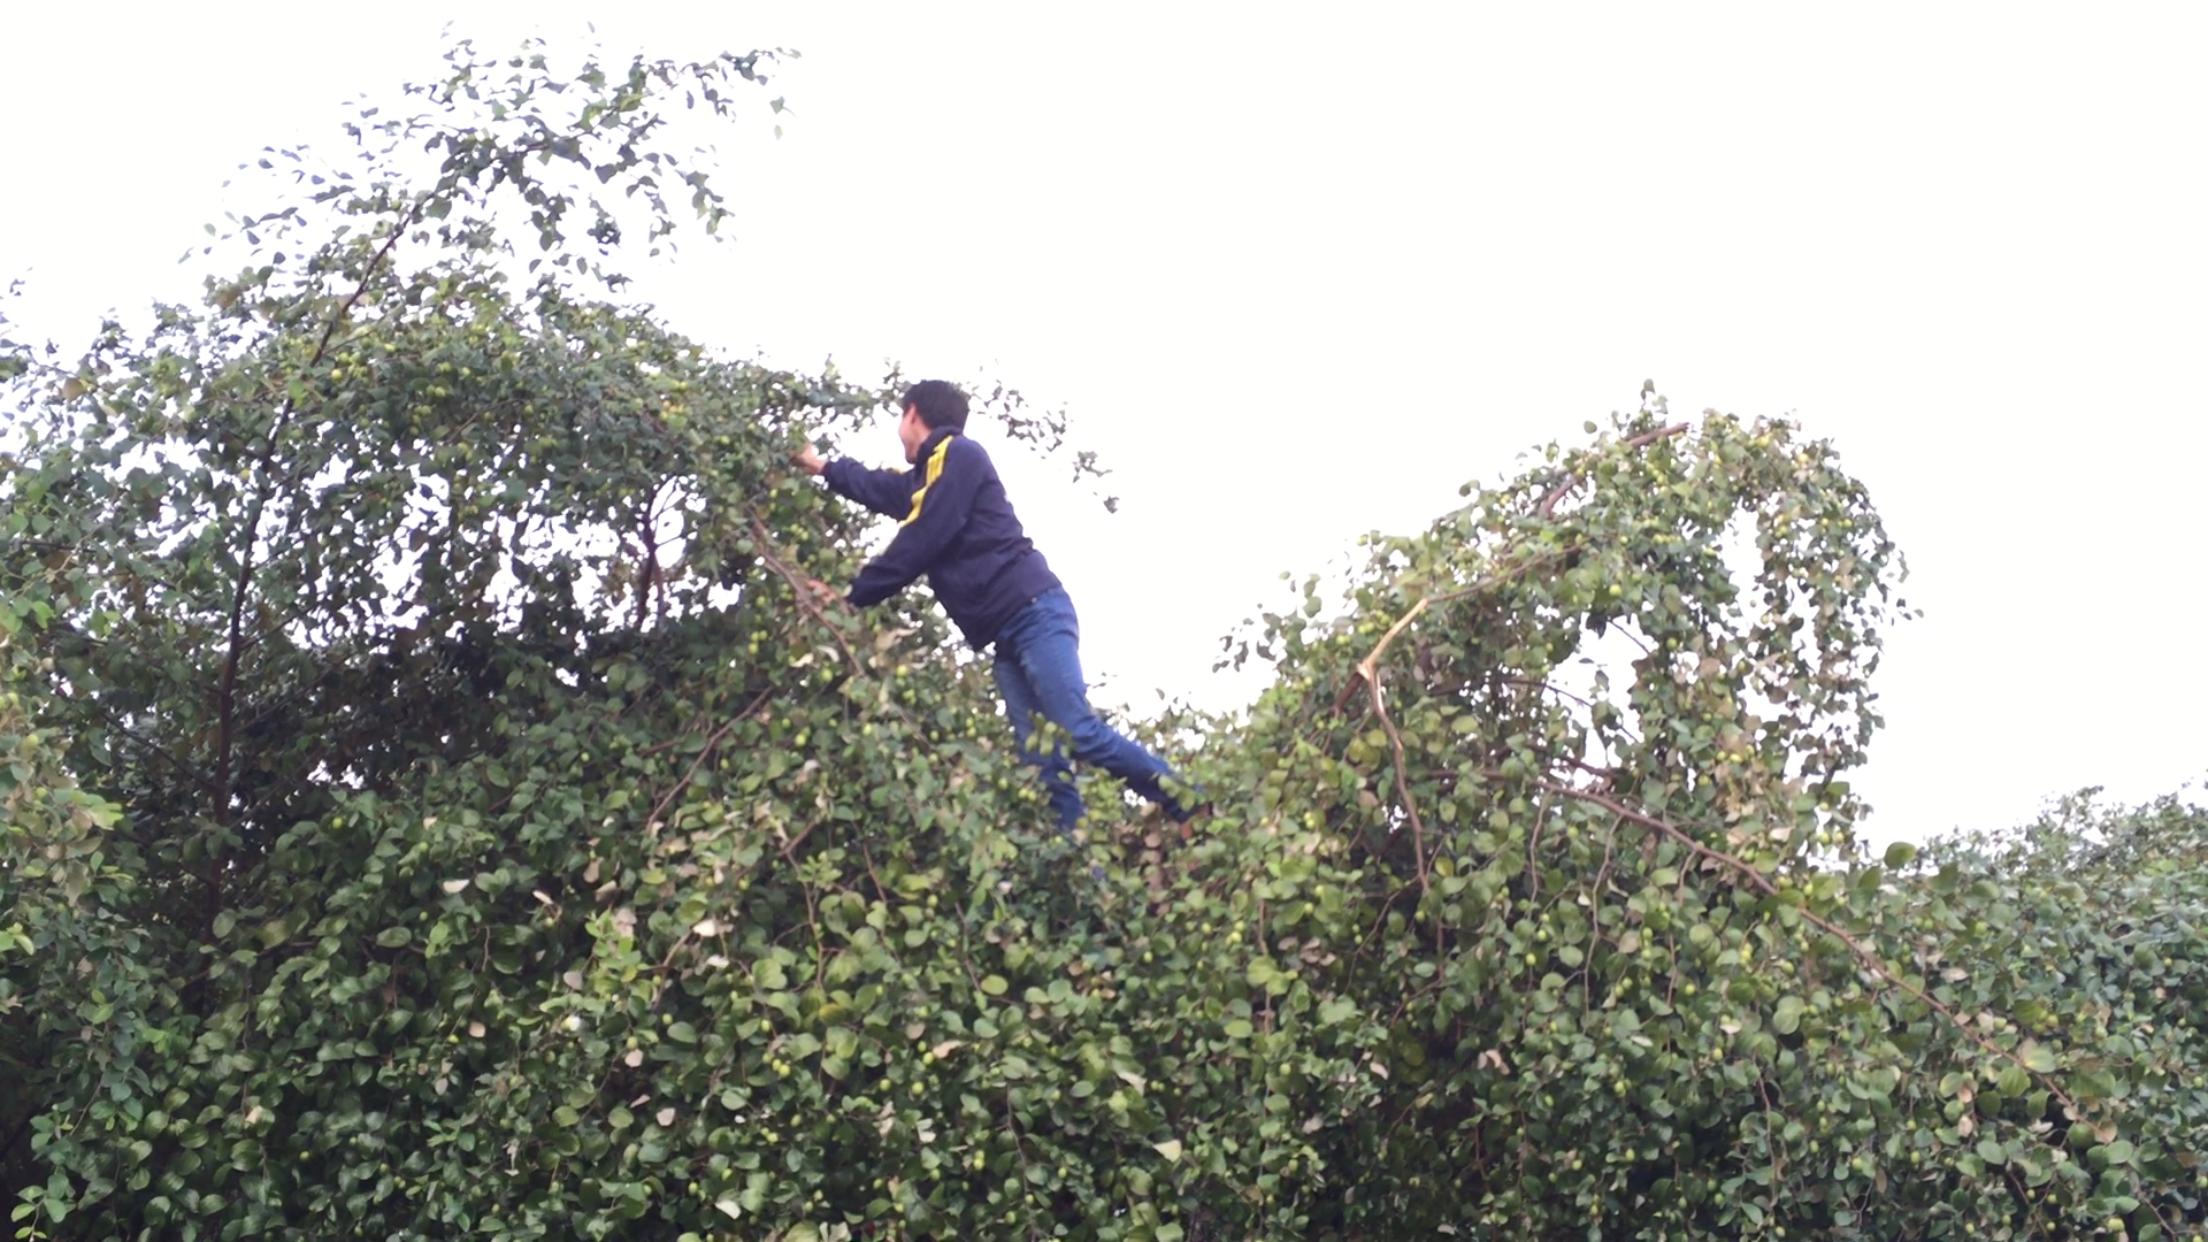 Nhiều bạn trẻ nghịch ngợm, trèo cả lên cây để vặt được quả ưng ý.